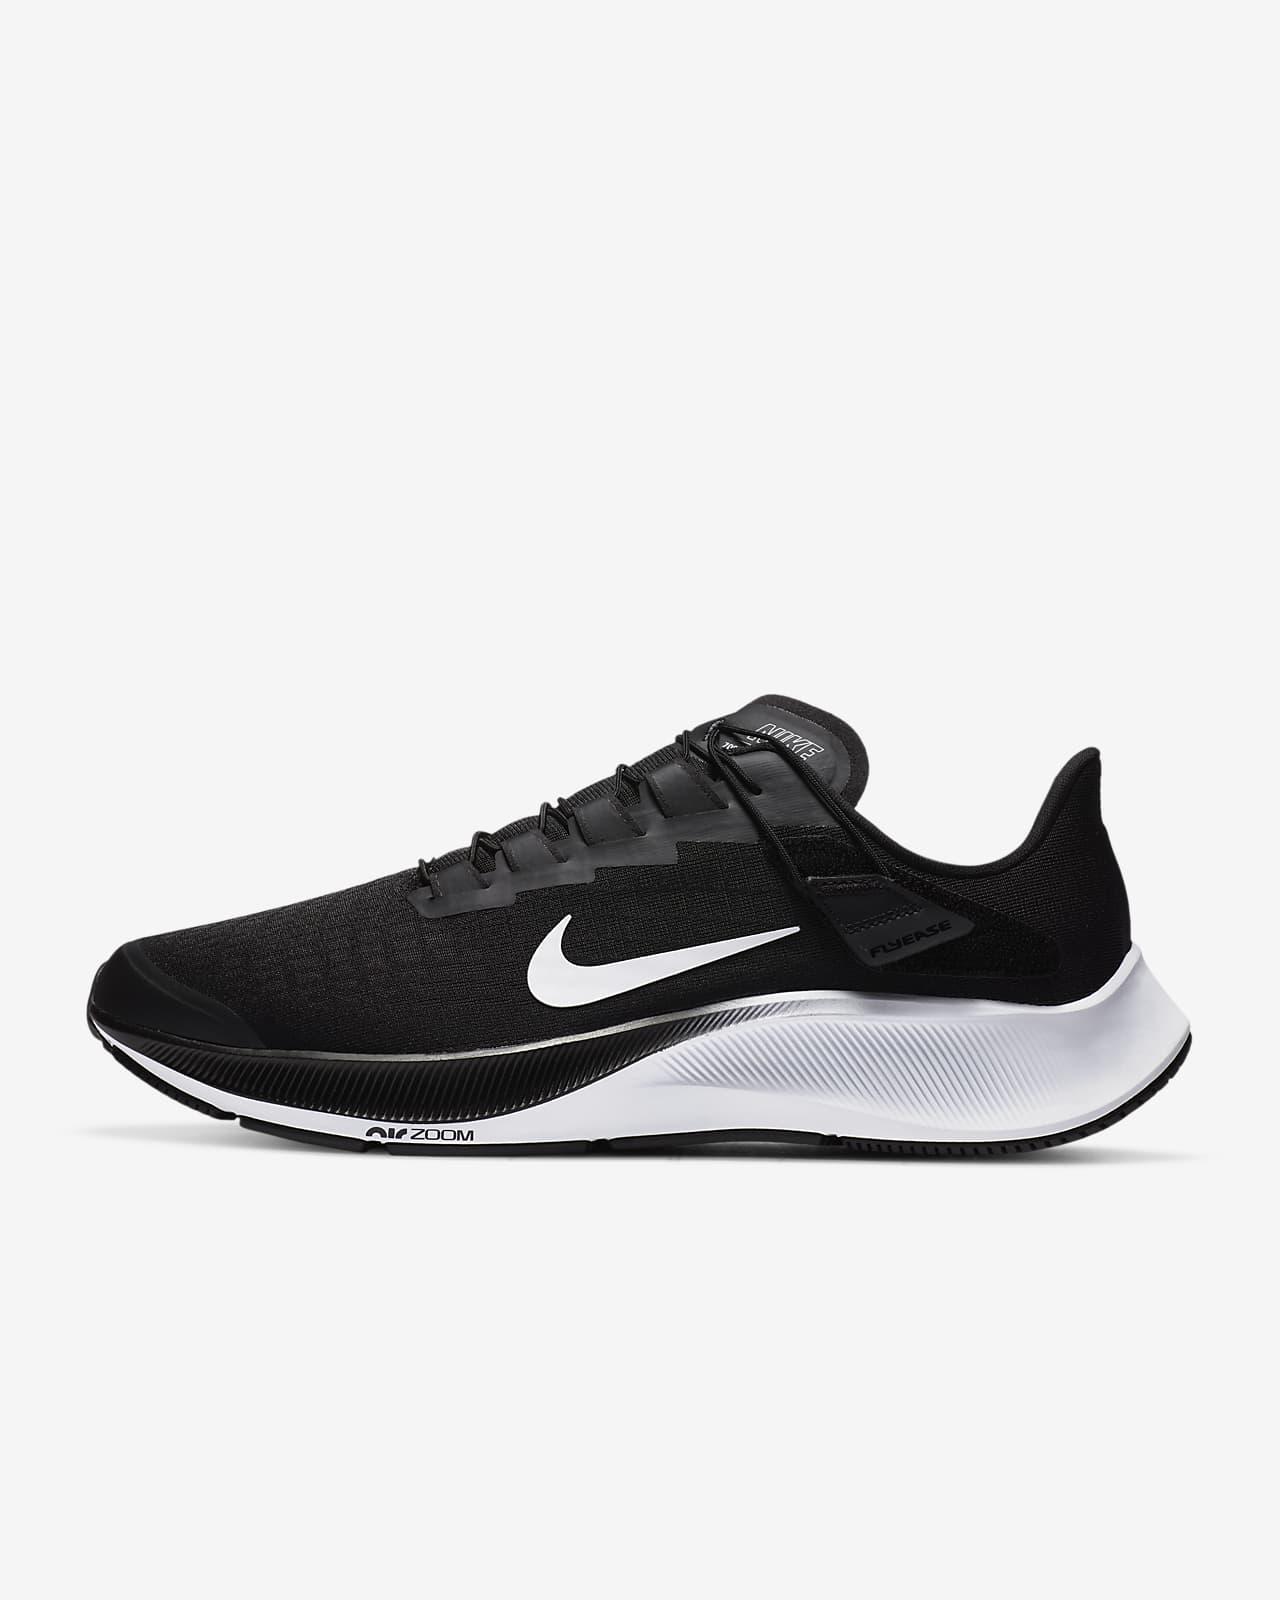 Nike Air Zoom Pegasus 37 FlyEase 男款跑鞋